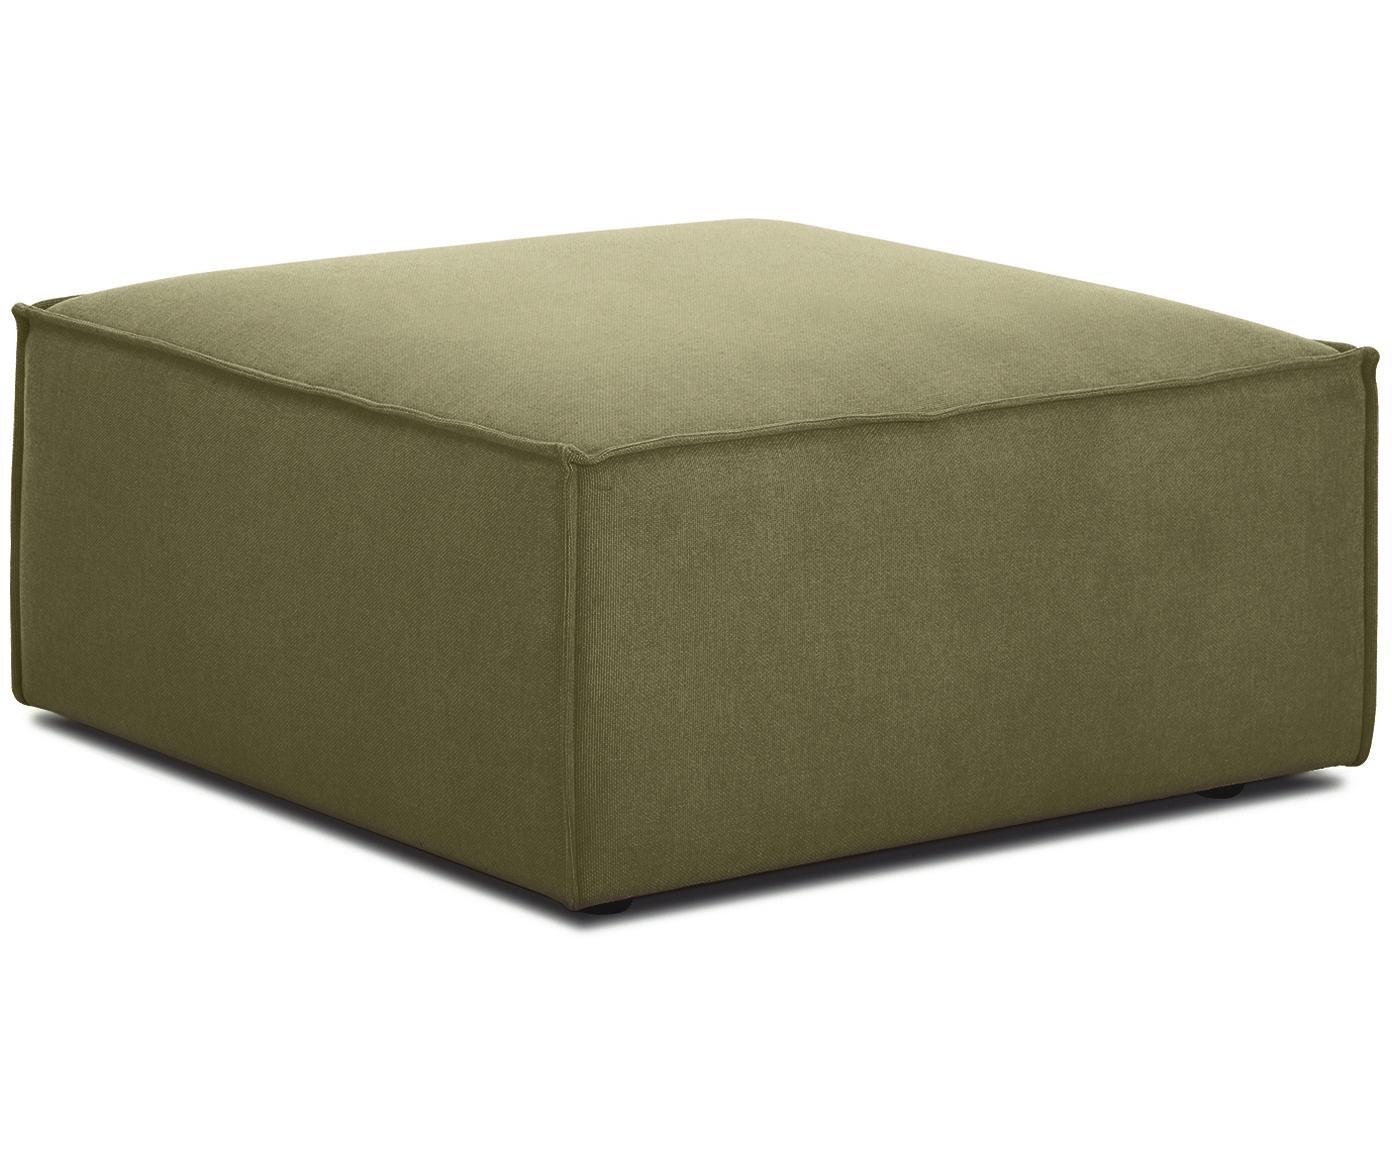 Poggiapiedi da divano Lennon, Rivestimento: 100% poliestere 35.000 ci, Struttura: legno di pino massiccio, , Piedini: materiale sintetico, Rivestimento: verde Piedini: nero, Larg. 88 x Alt. 43 cm